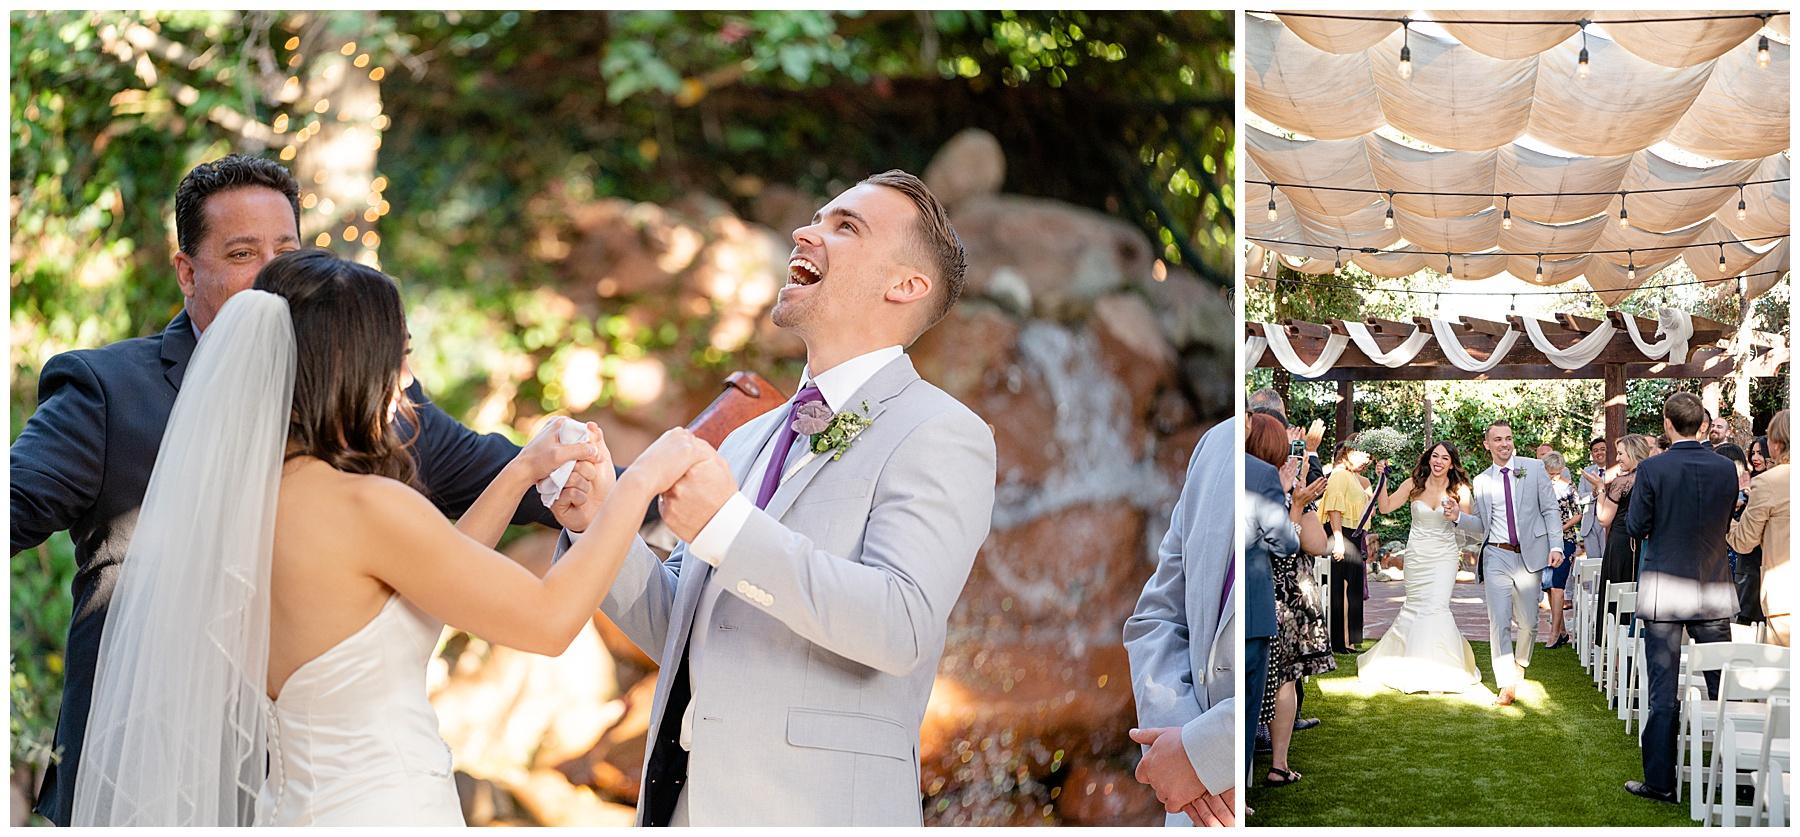 calamigos equestrian center wedding ceremony